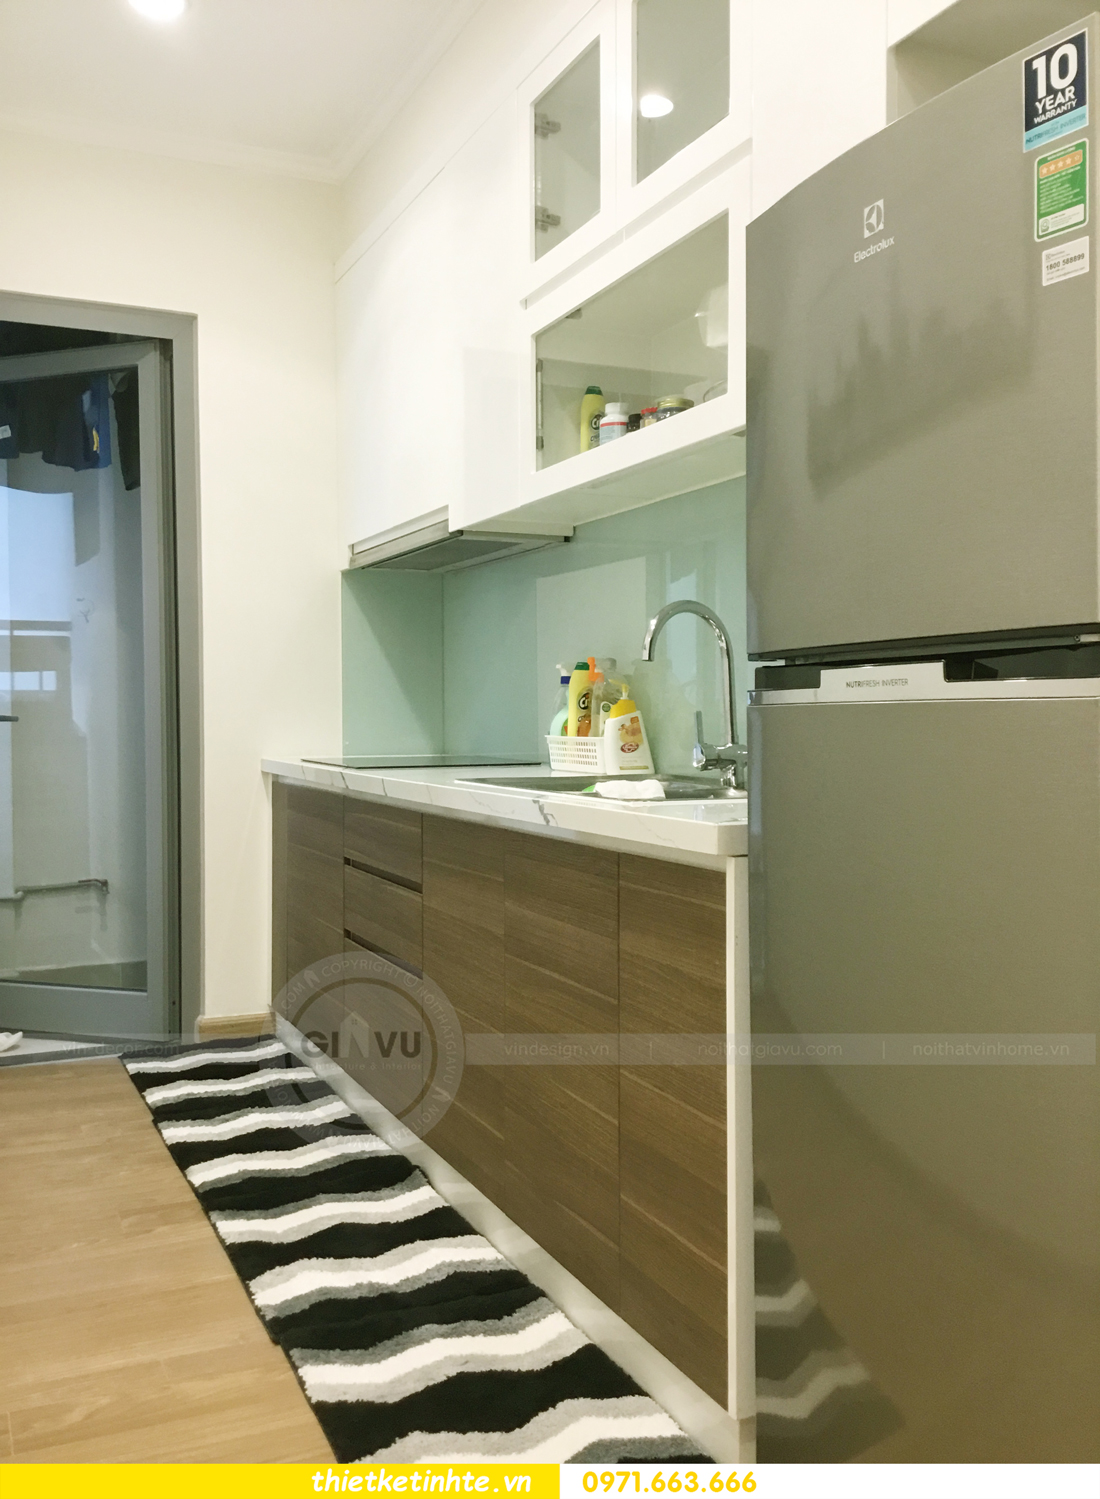 hoàn thiện nội thất chung cư Park Hill P12 căn 21 nhà anh sơn 11